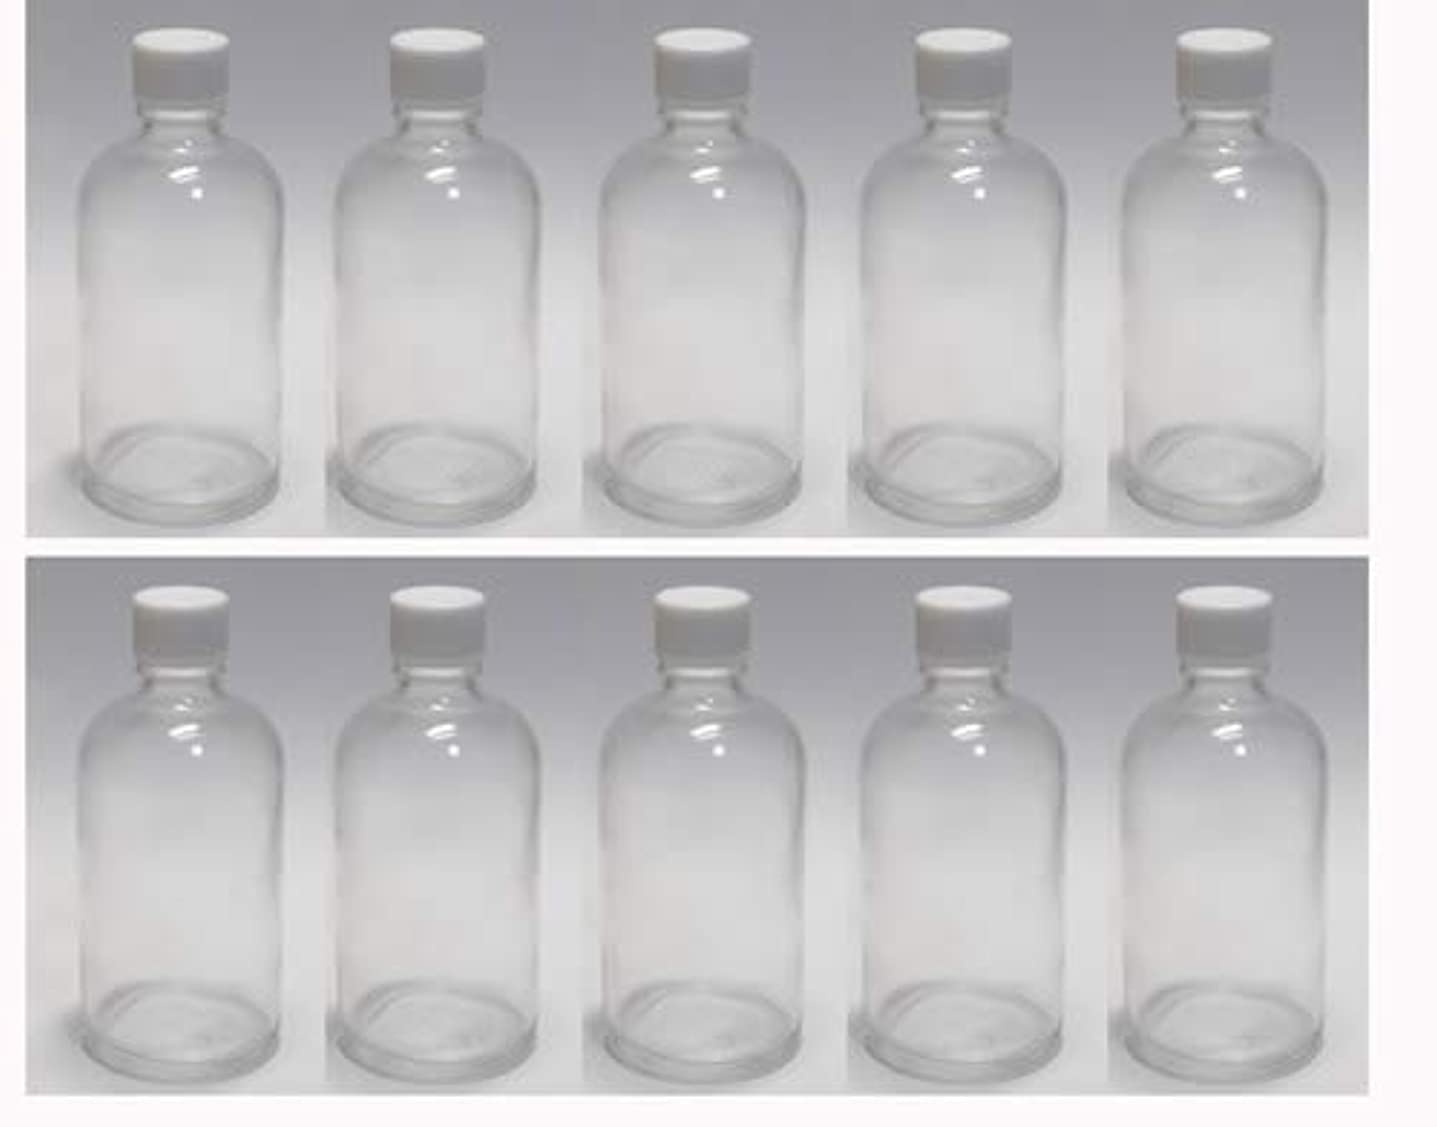 シャンプーアリゴム100ml ガラスボトル(空容器) 10本